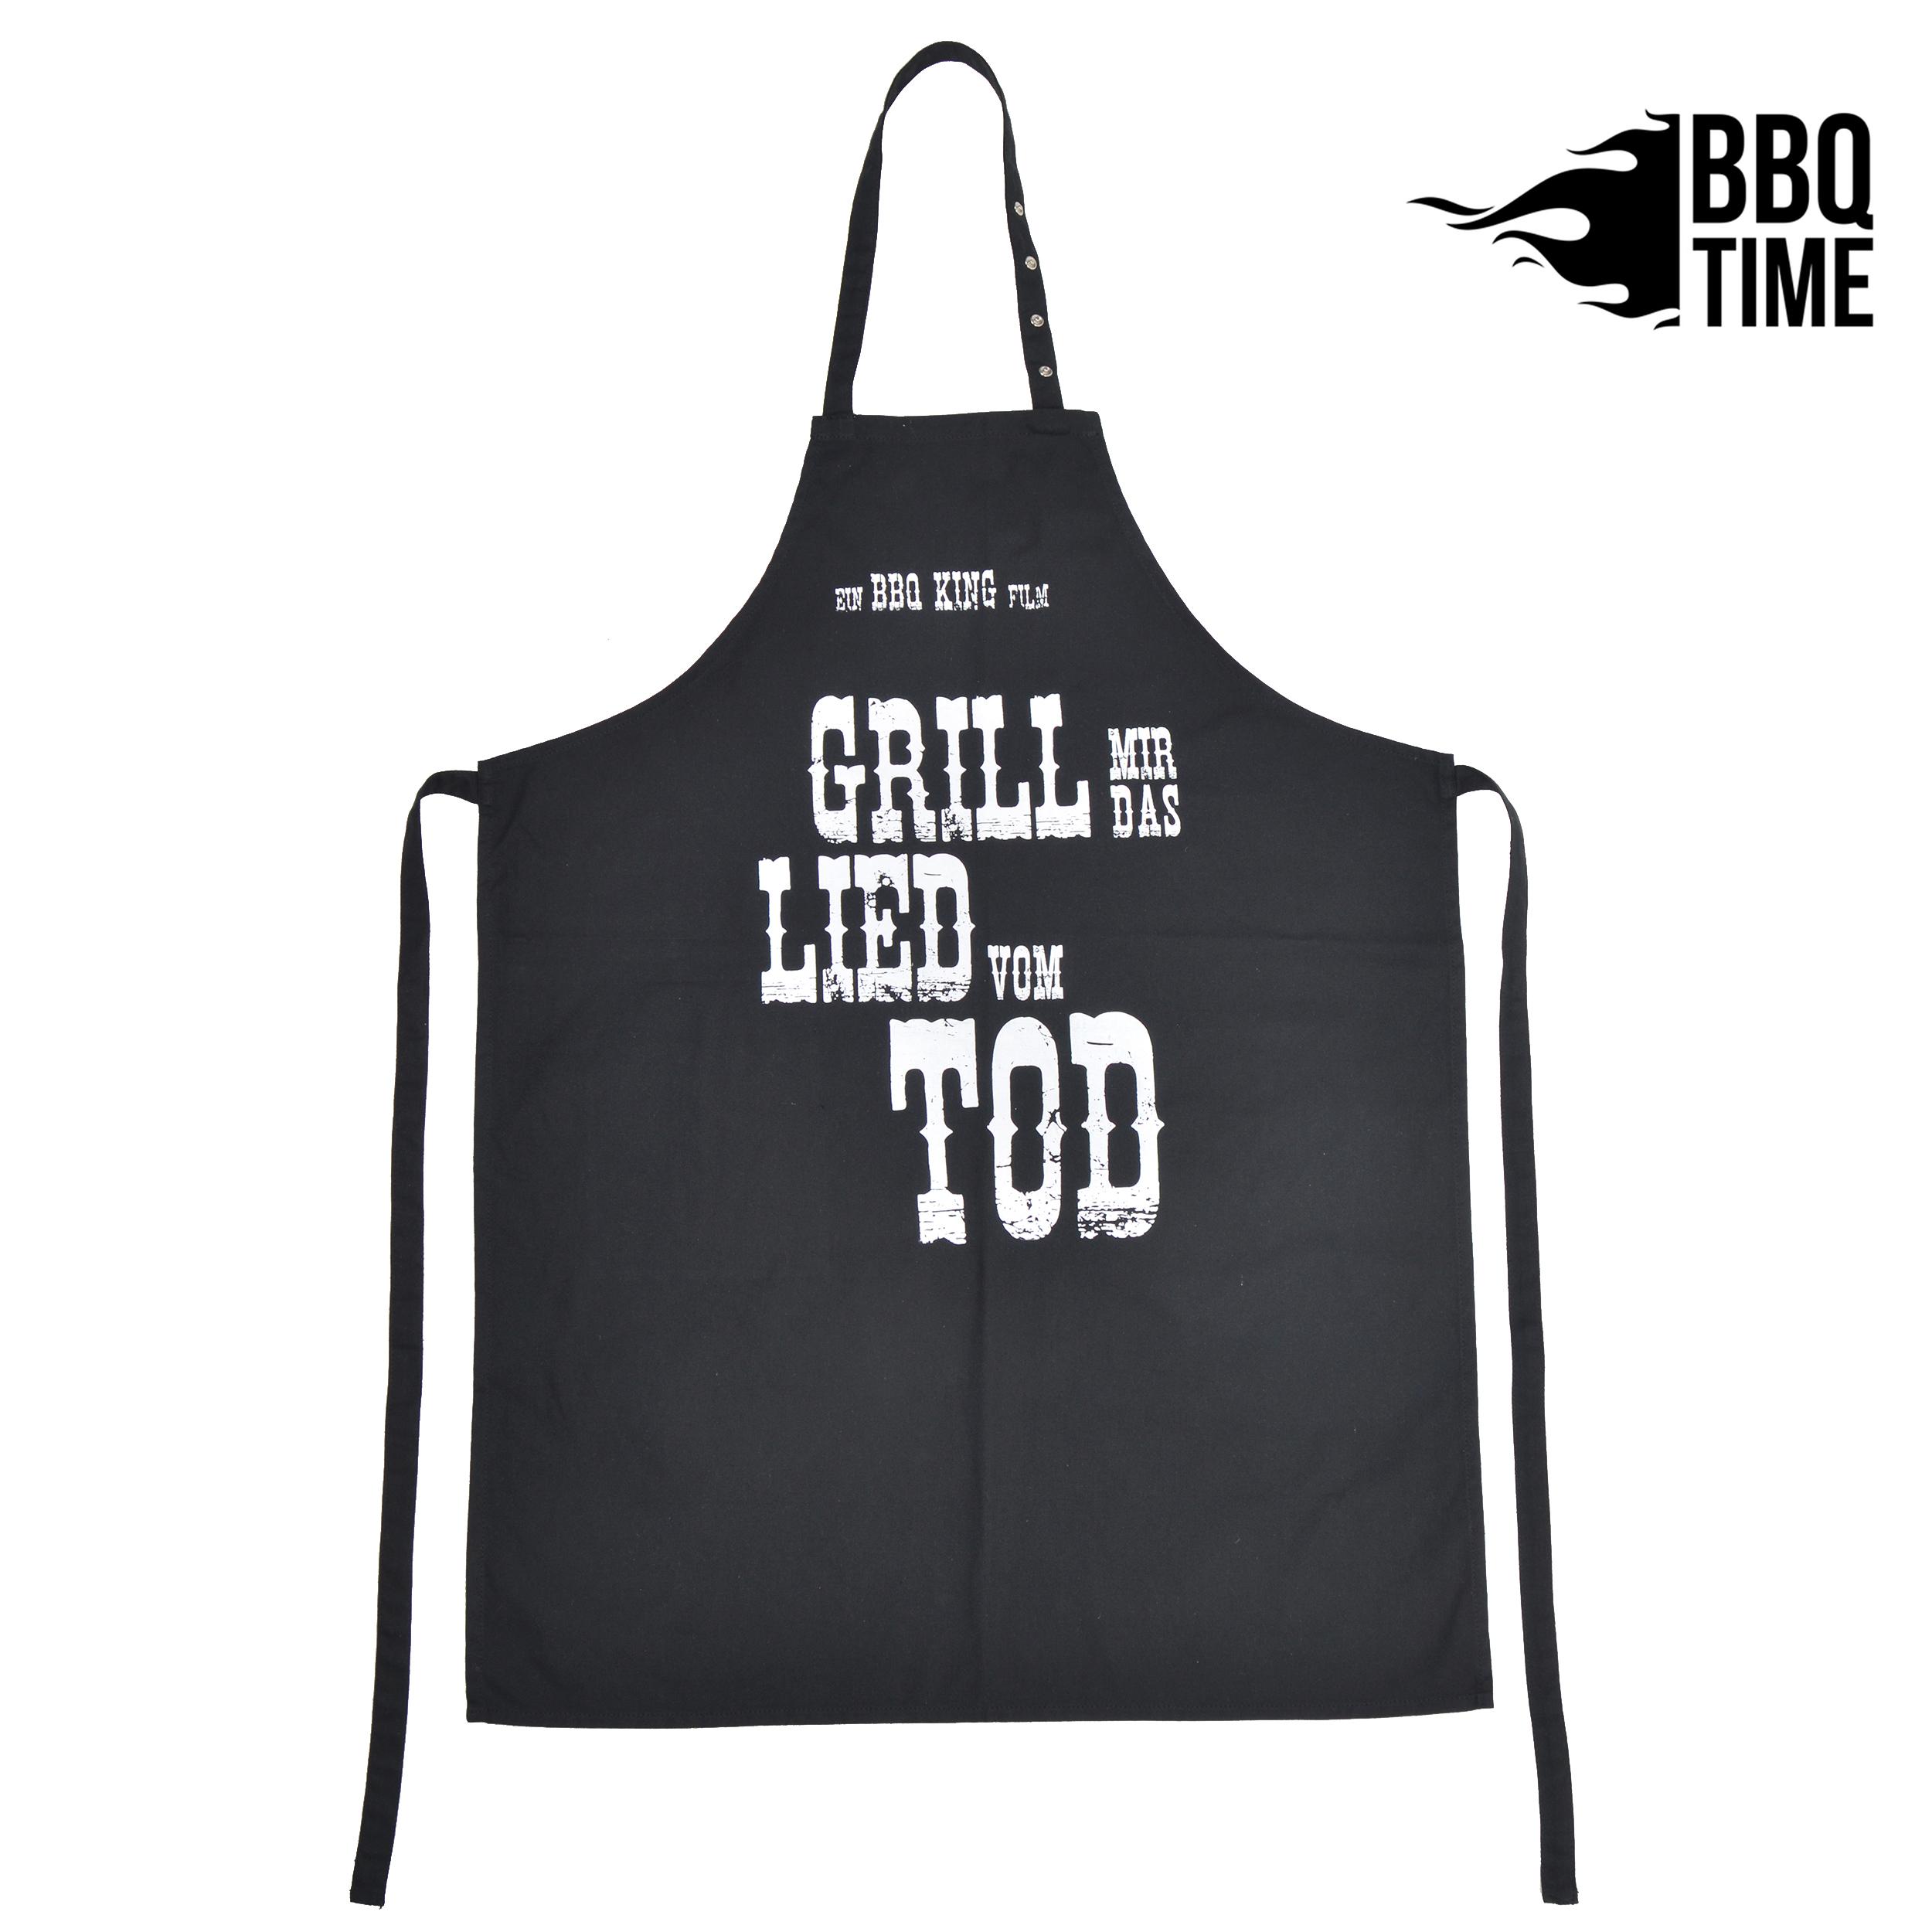 Grillschürze BBQ TIME - Grill mir das Lied vom Tod